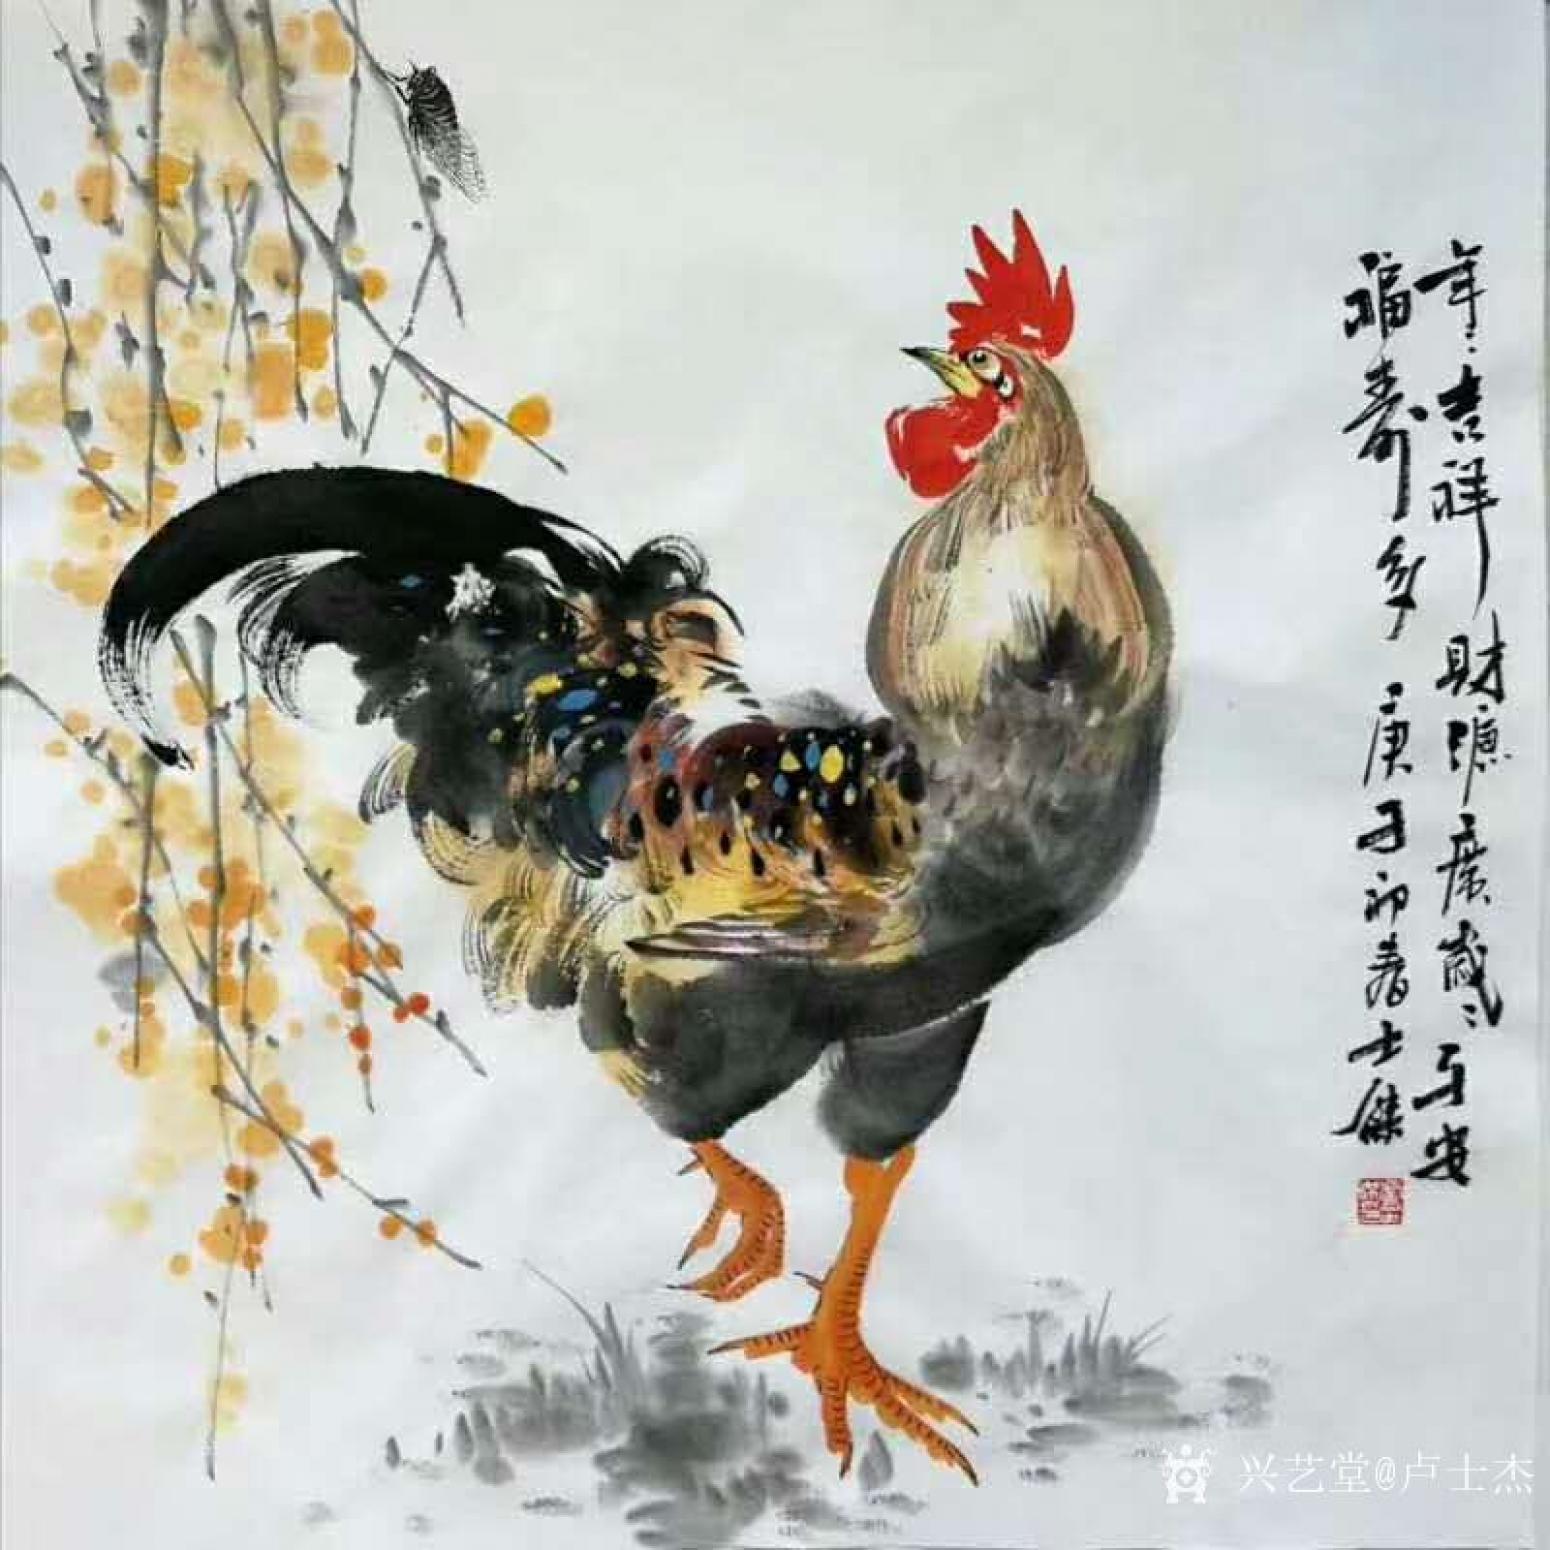 卢士杰国画作品《公鸡-平安福寿多》【图0】